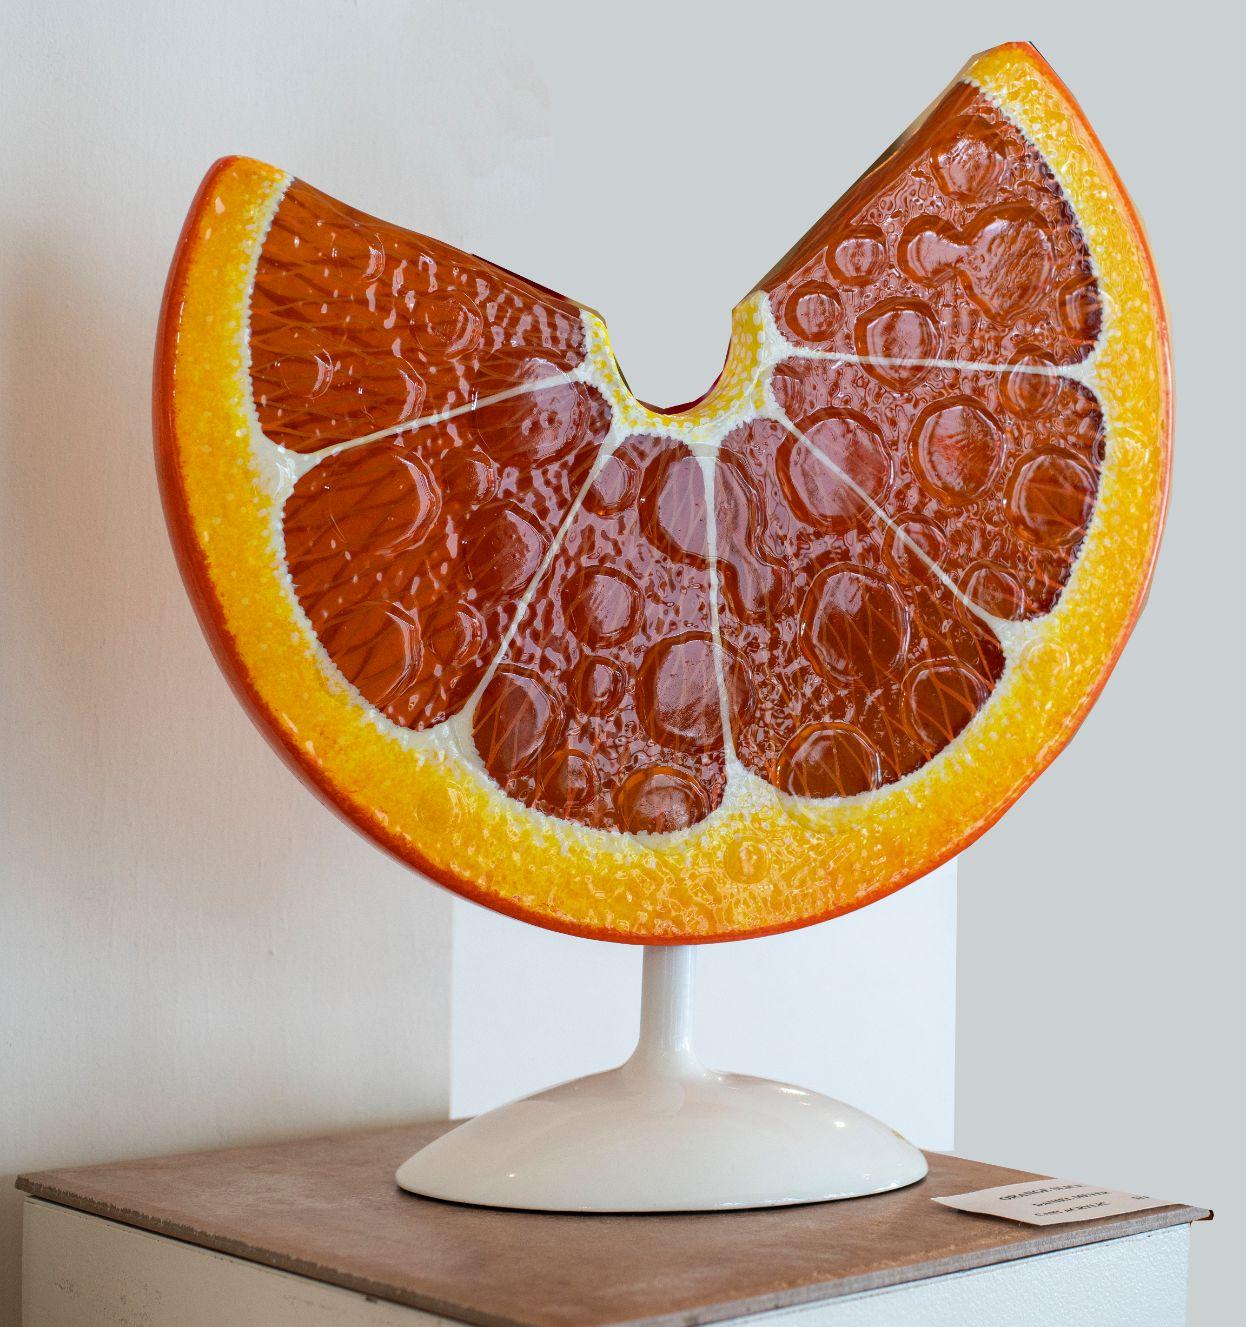 OrangeSlice_DanielMeyer_CastAcrylic_2000